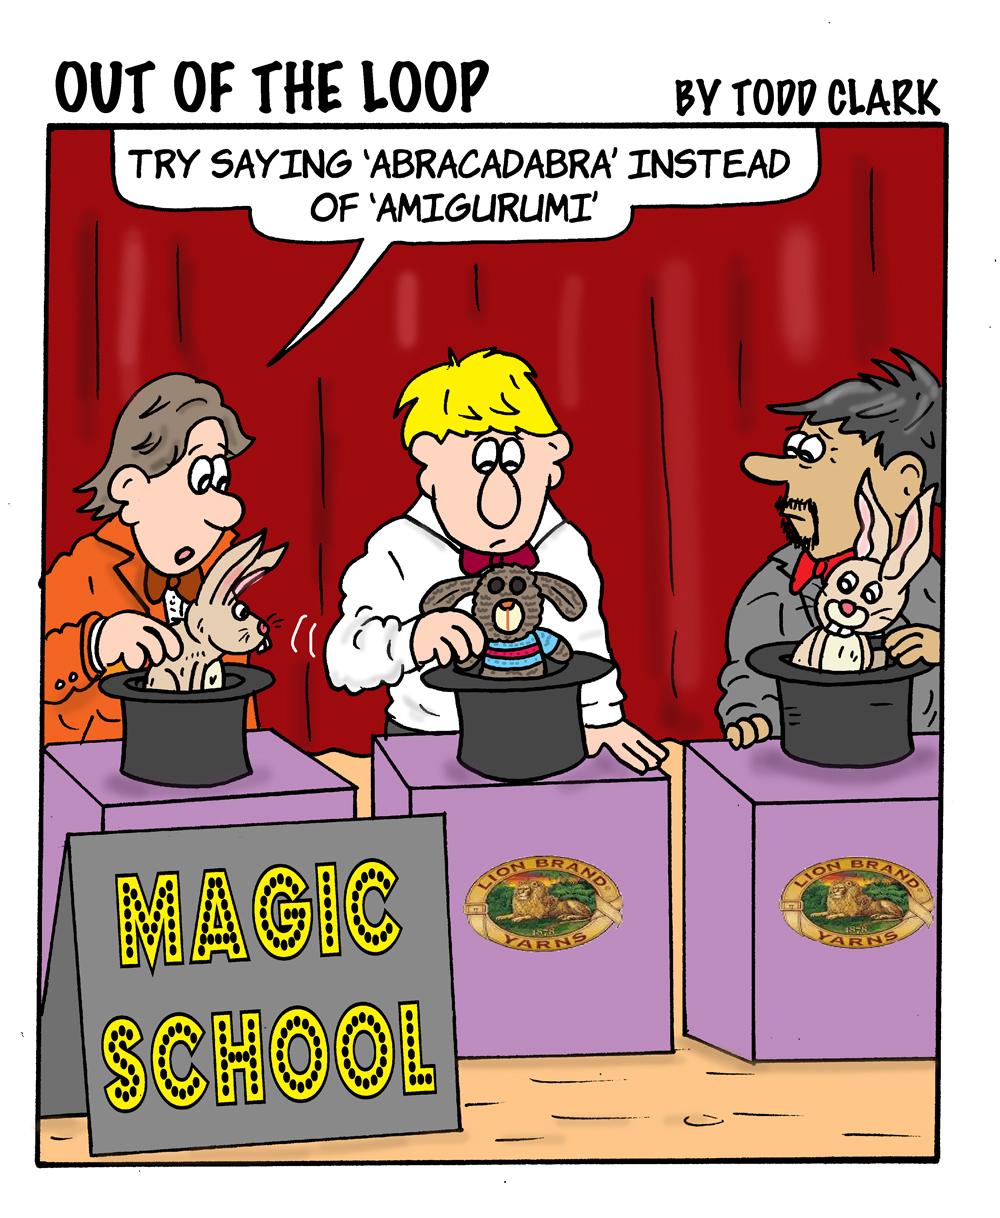 OOTL-MagicSchool